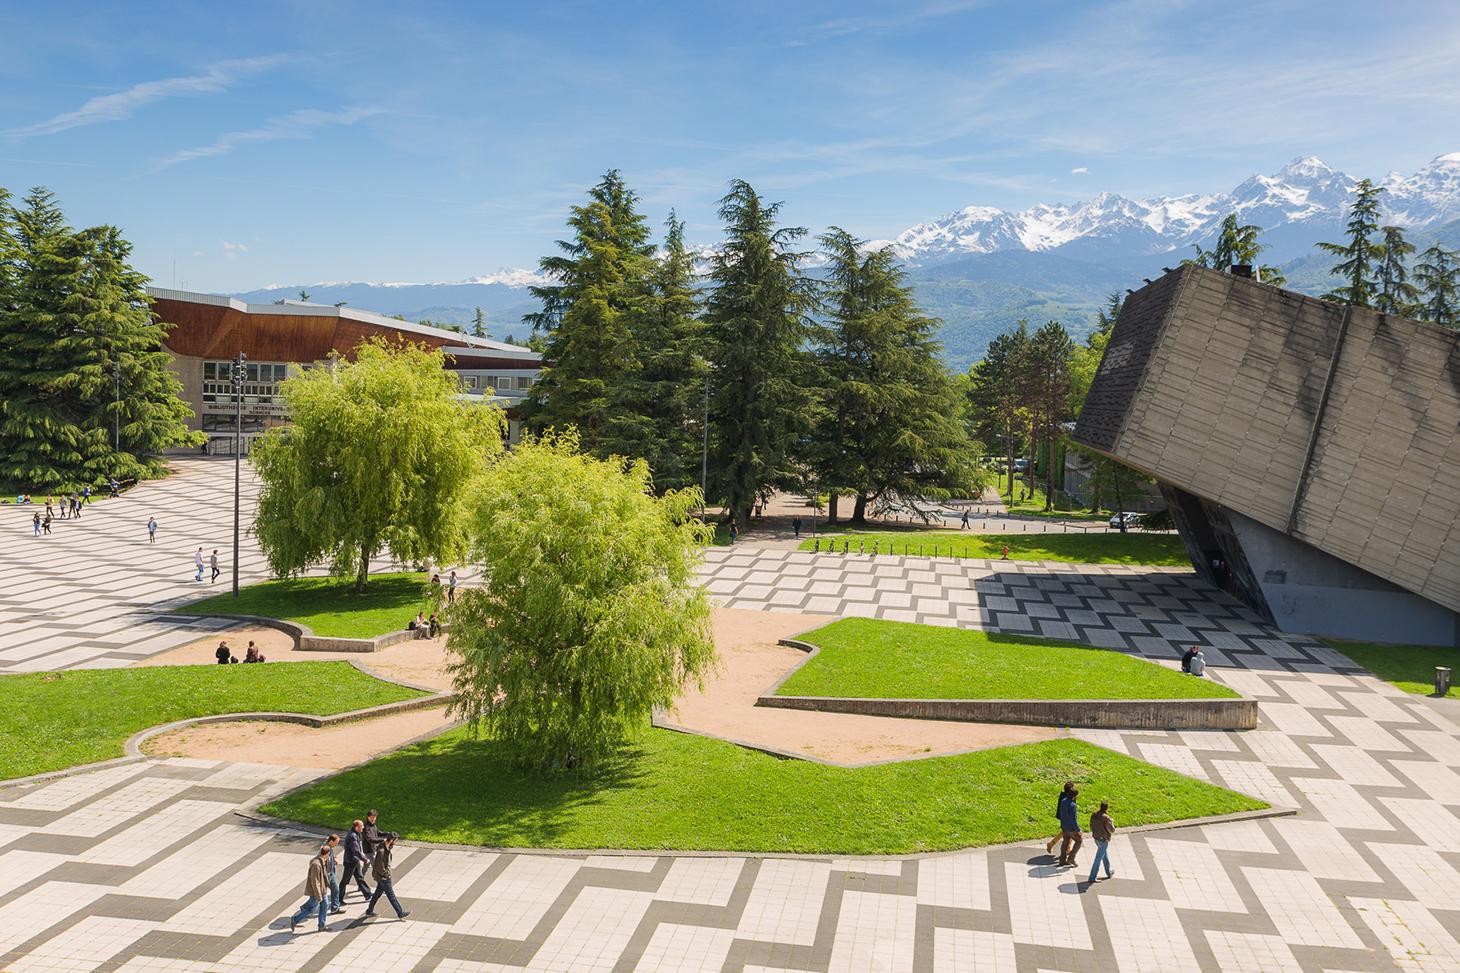 Le campus de Saint-Martin-d'Hères